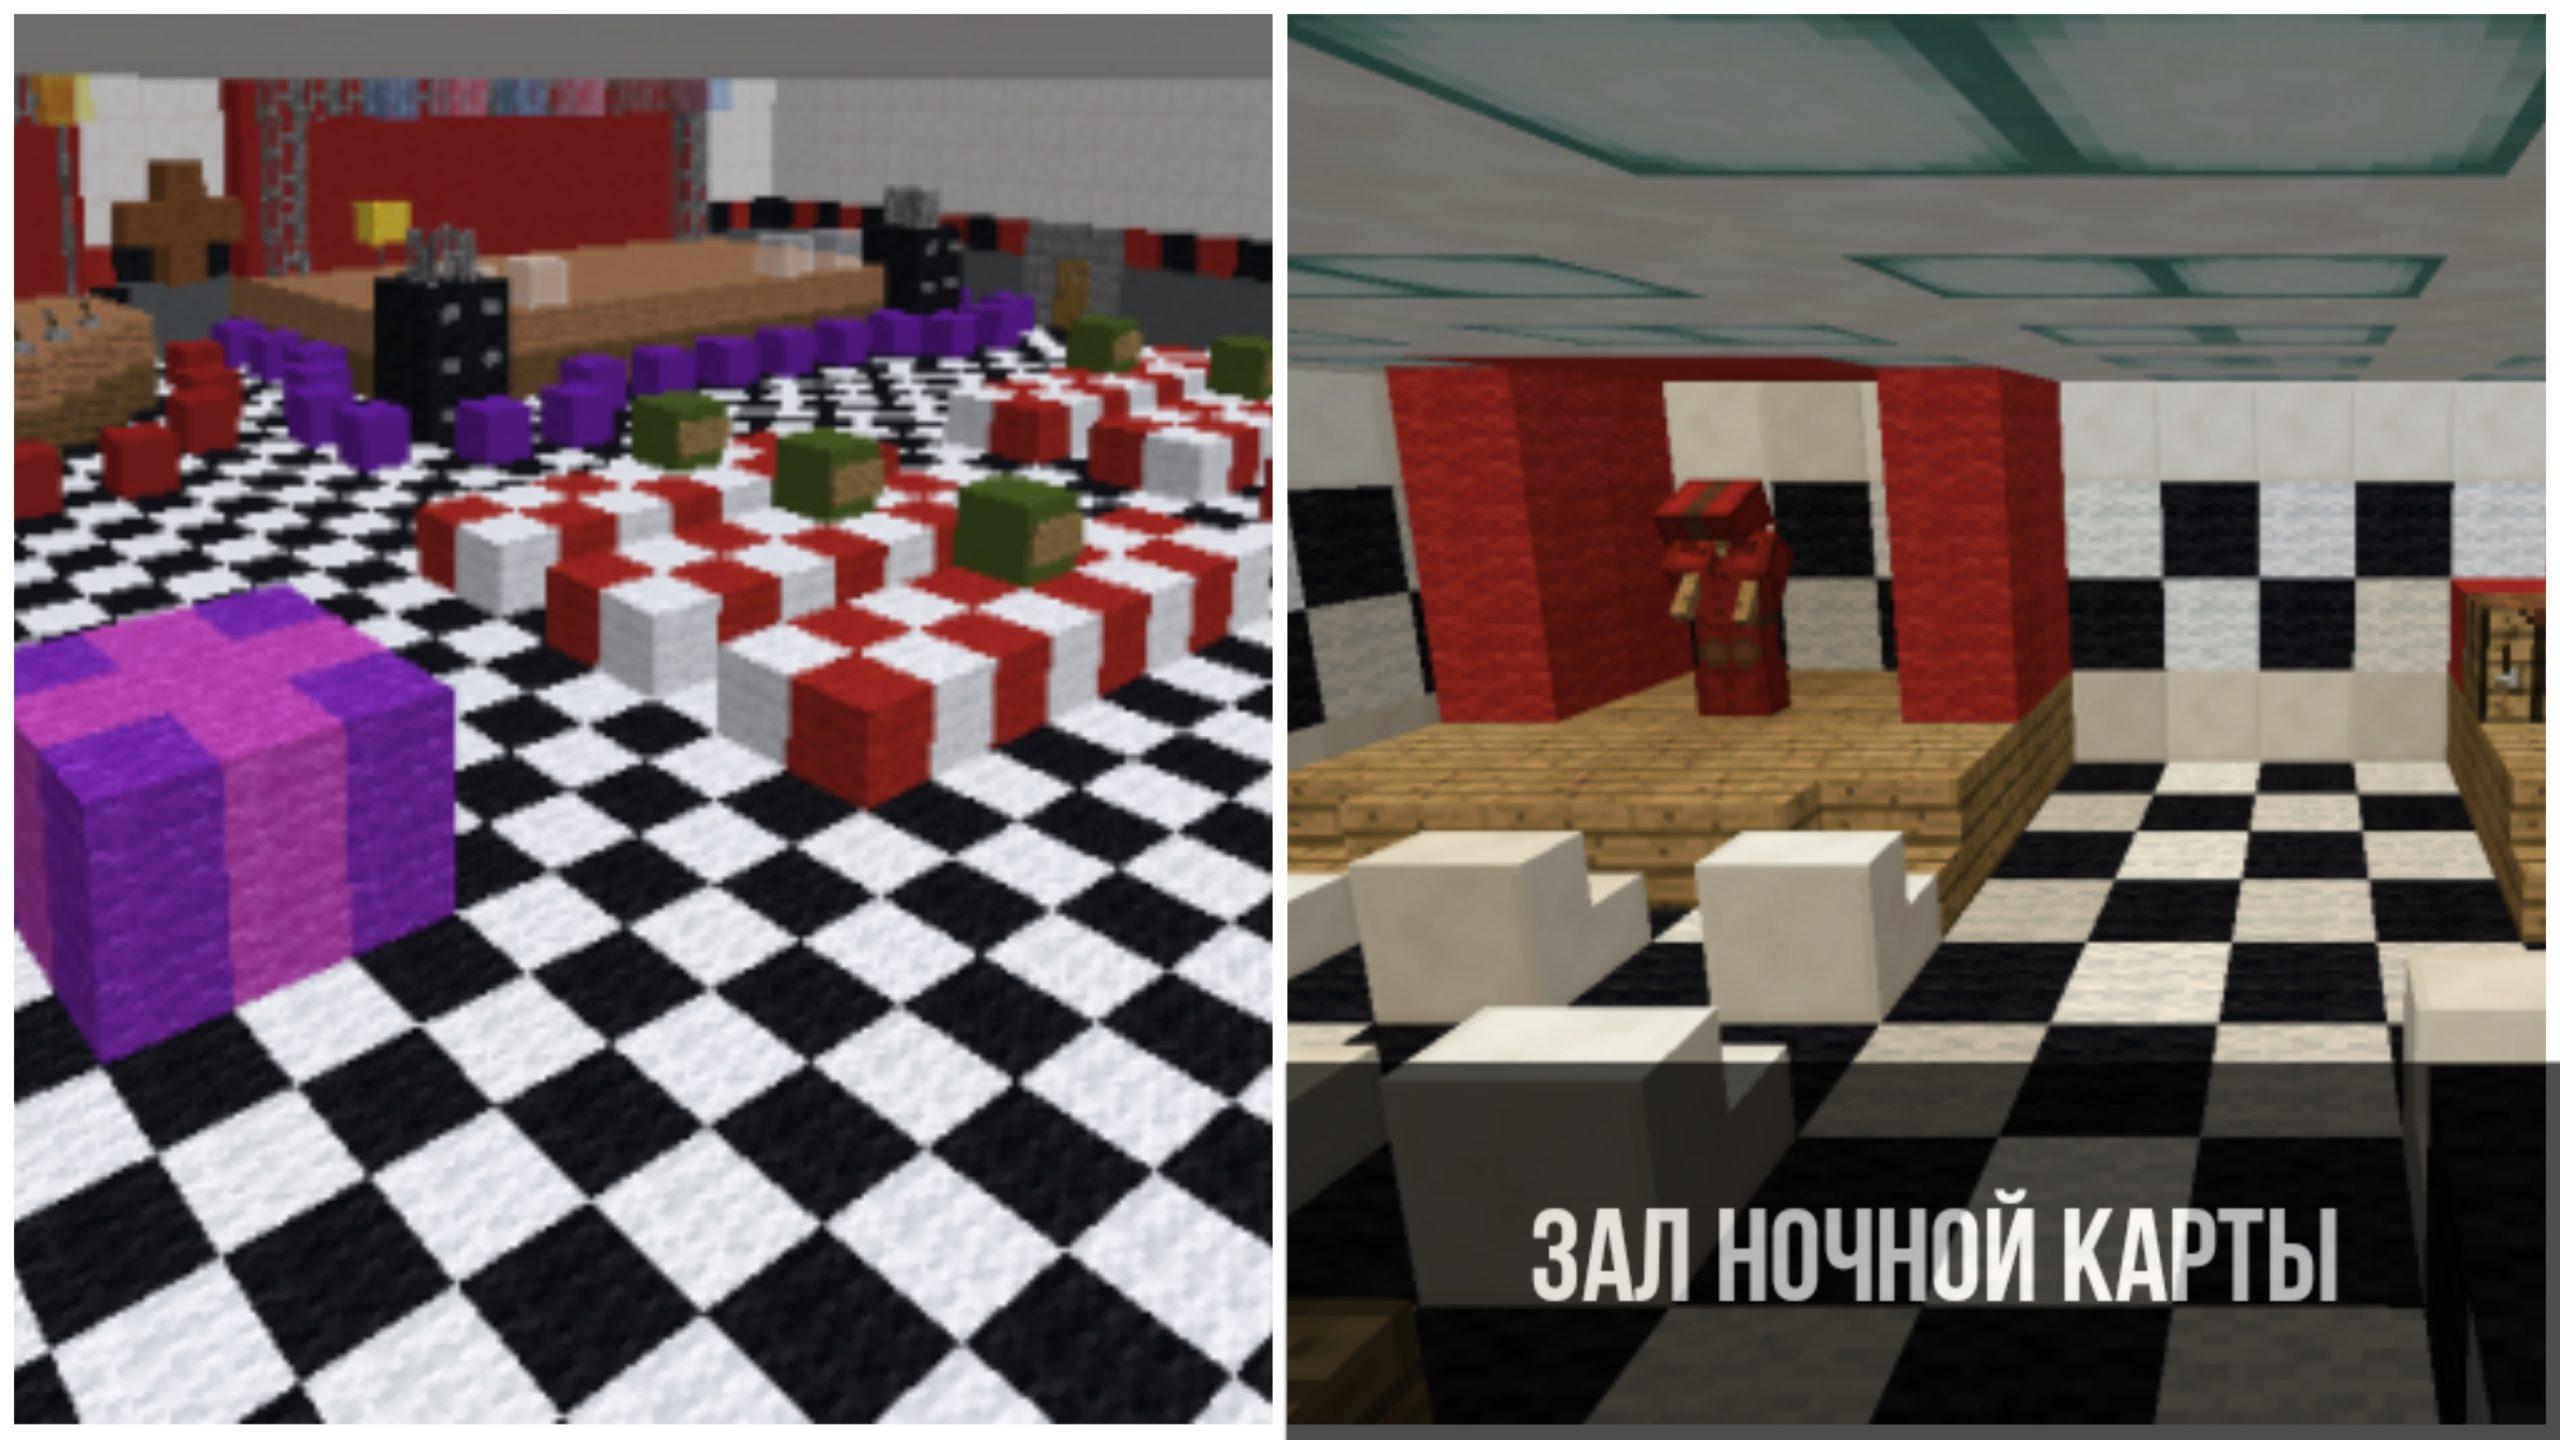 Зал ночной карты в Minecraft PE